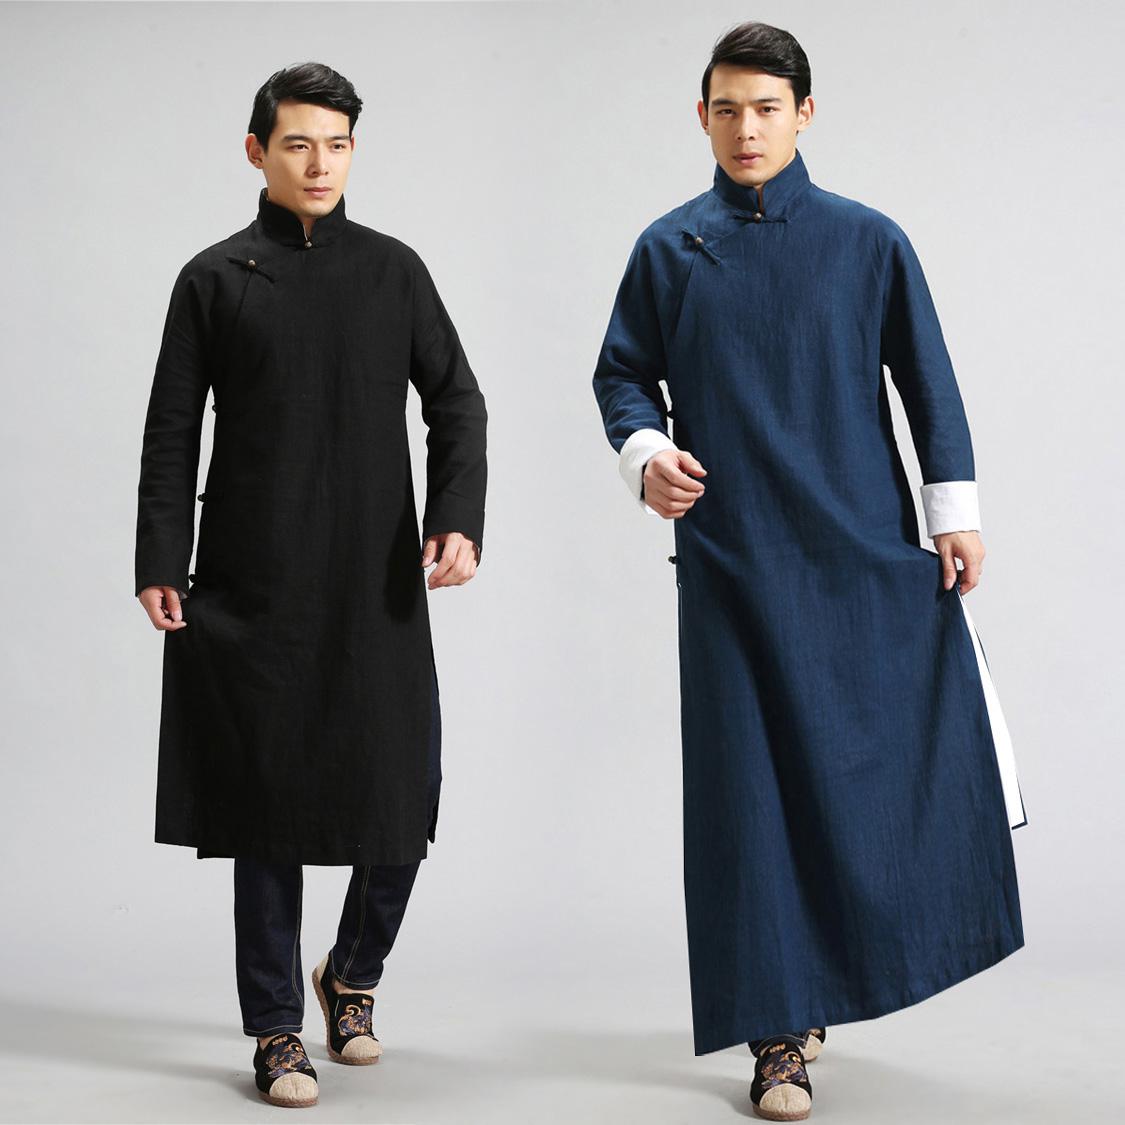 相声大褂_中国风男装复古棉麻长衫相声服评书大褂民国服装中式长袍子民国装